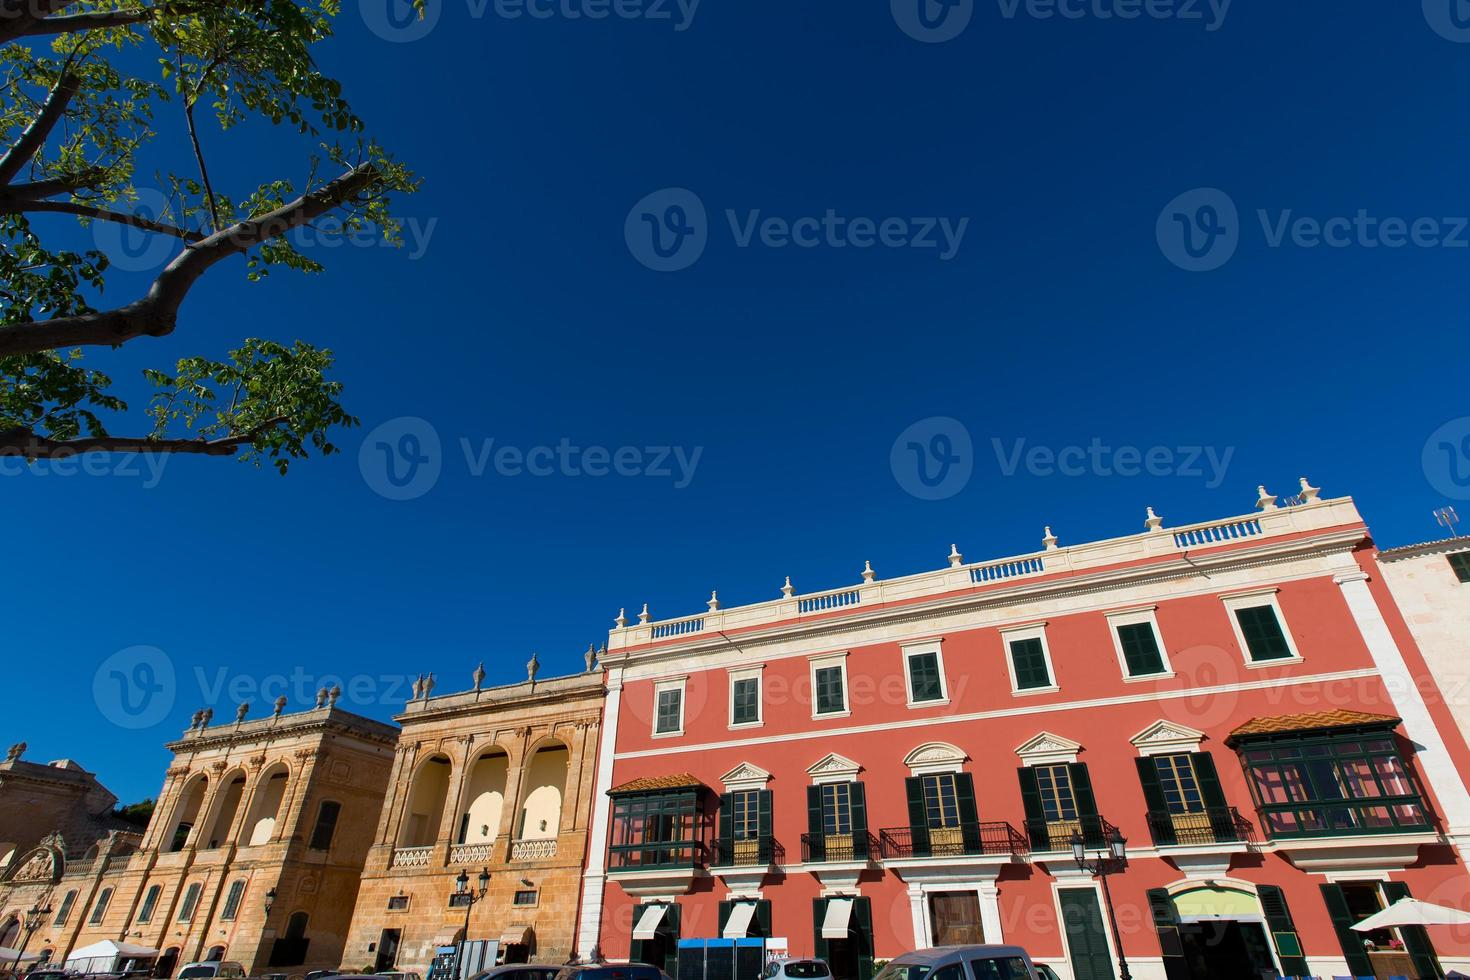 Ciutadella Menorca Placa des Geboren in het centrum van Ciudadela foto